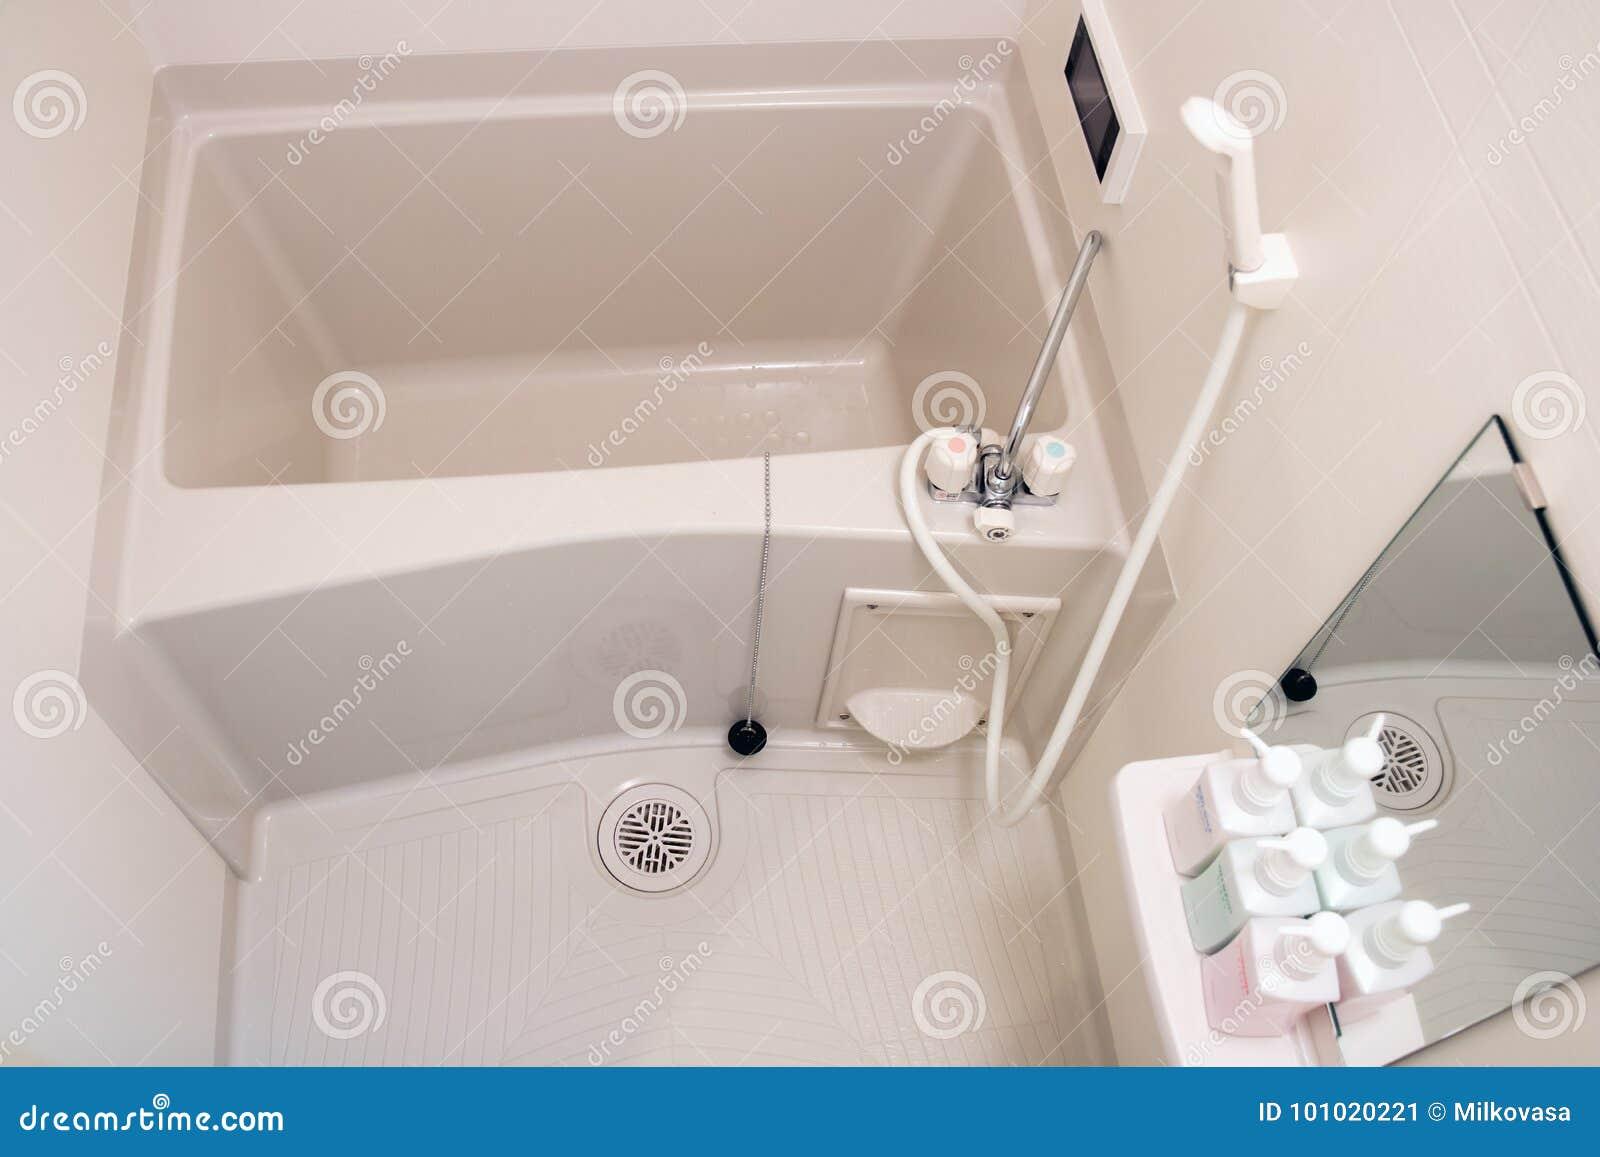 Badewanne In Einem Kleinen Badezimmer Stockbild Bild Von Bequem